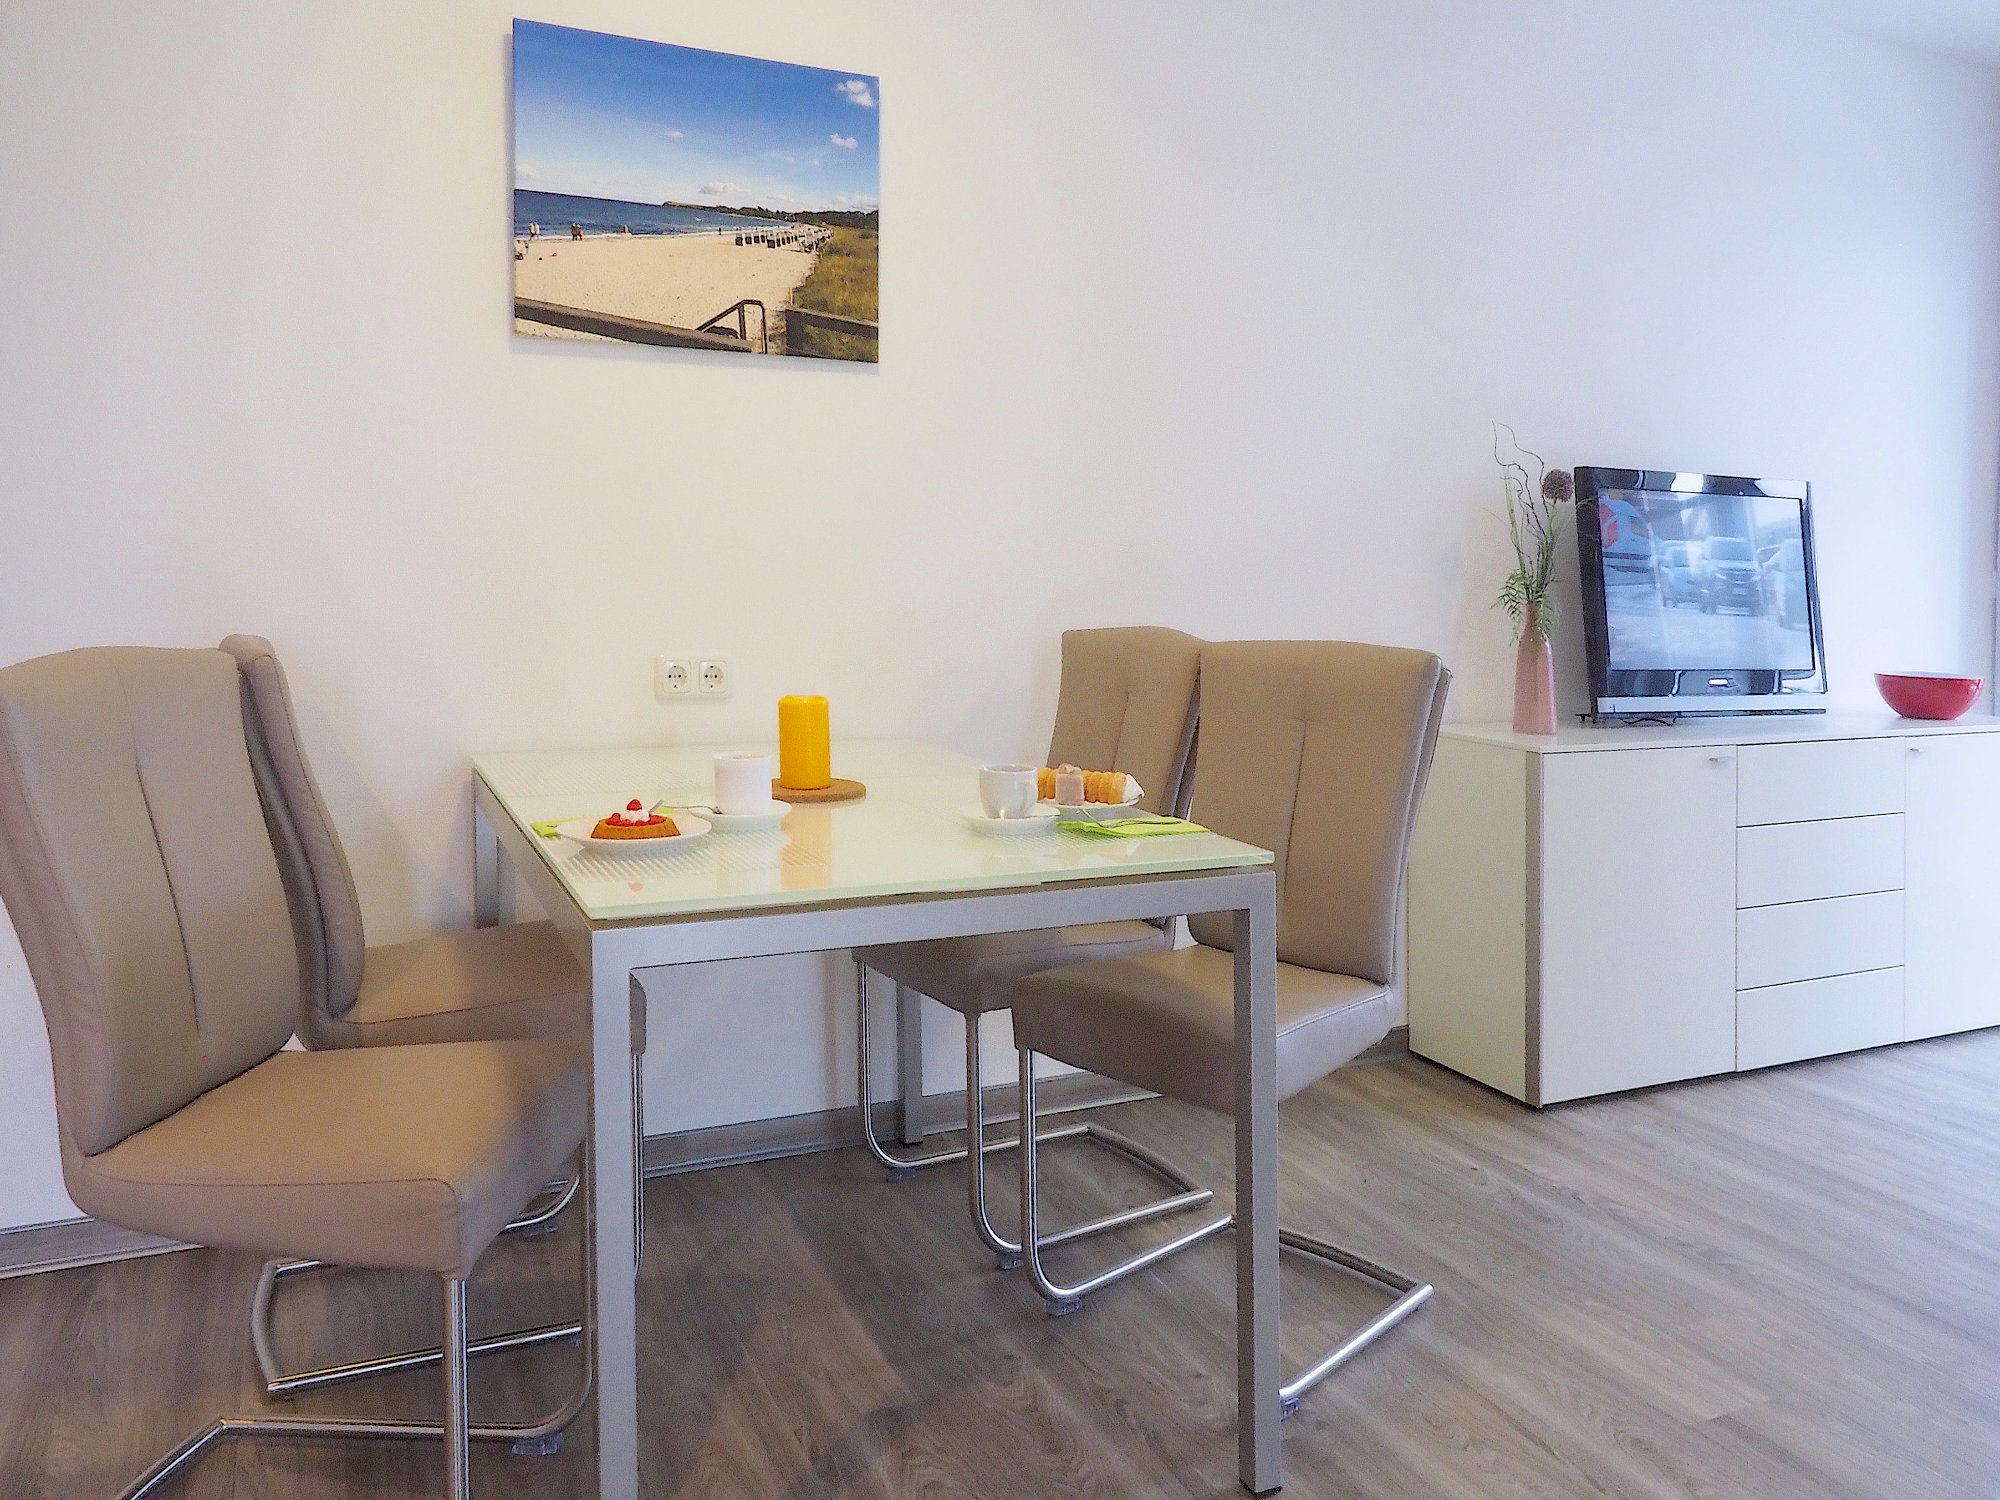 Esstisch mit 4 Stühlen, rechts davon Sideboard mit Flatscreen TV